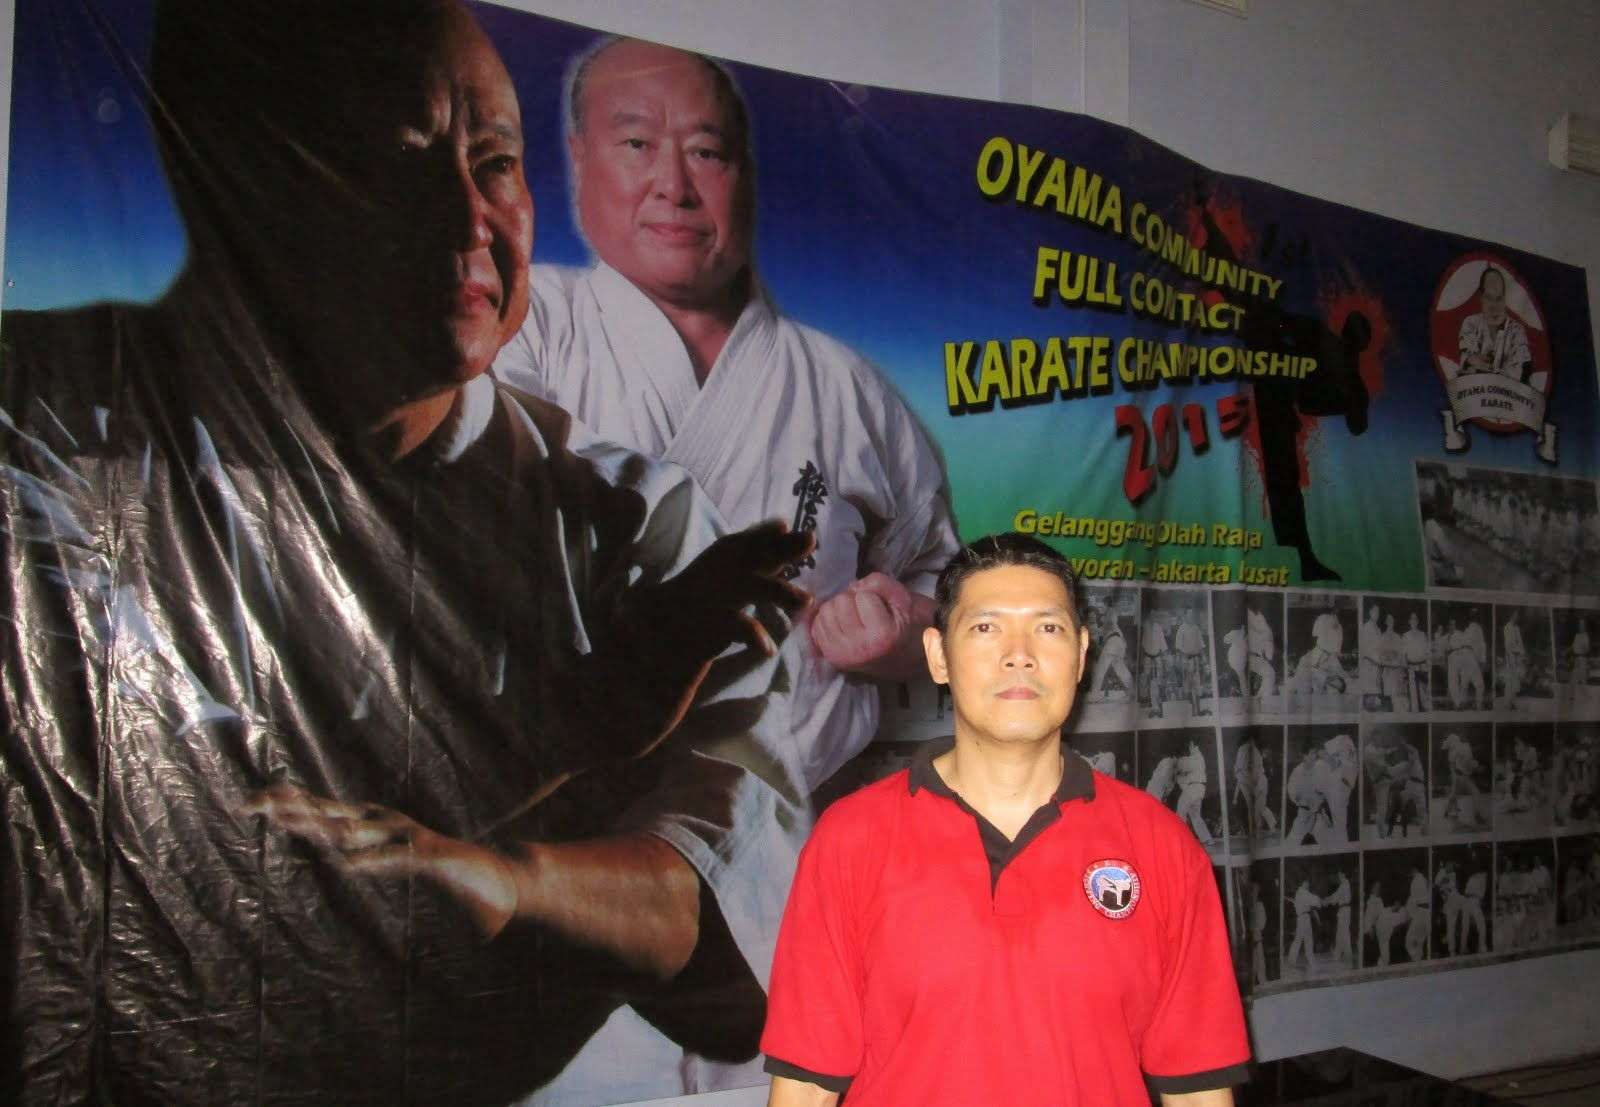 Oyama Community Karate Championship  2015